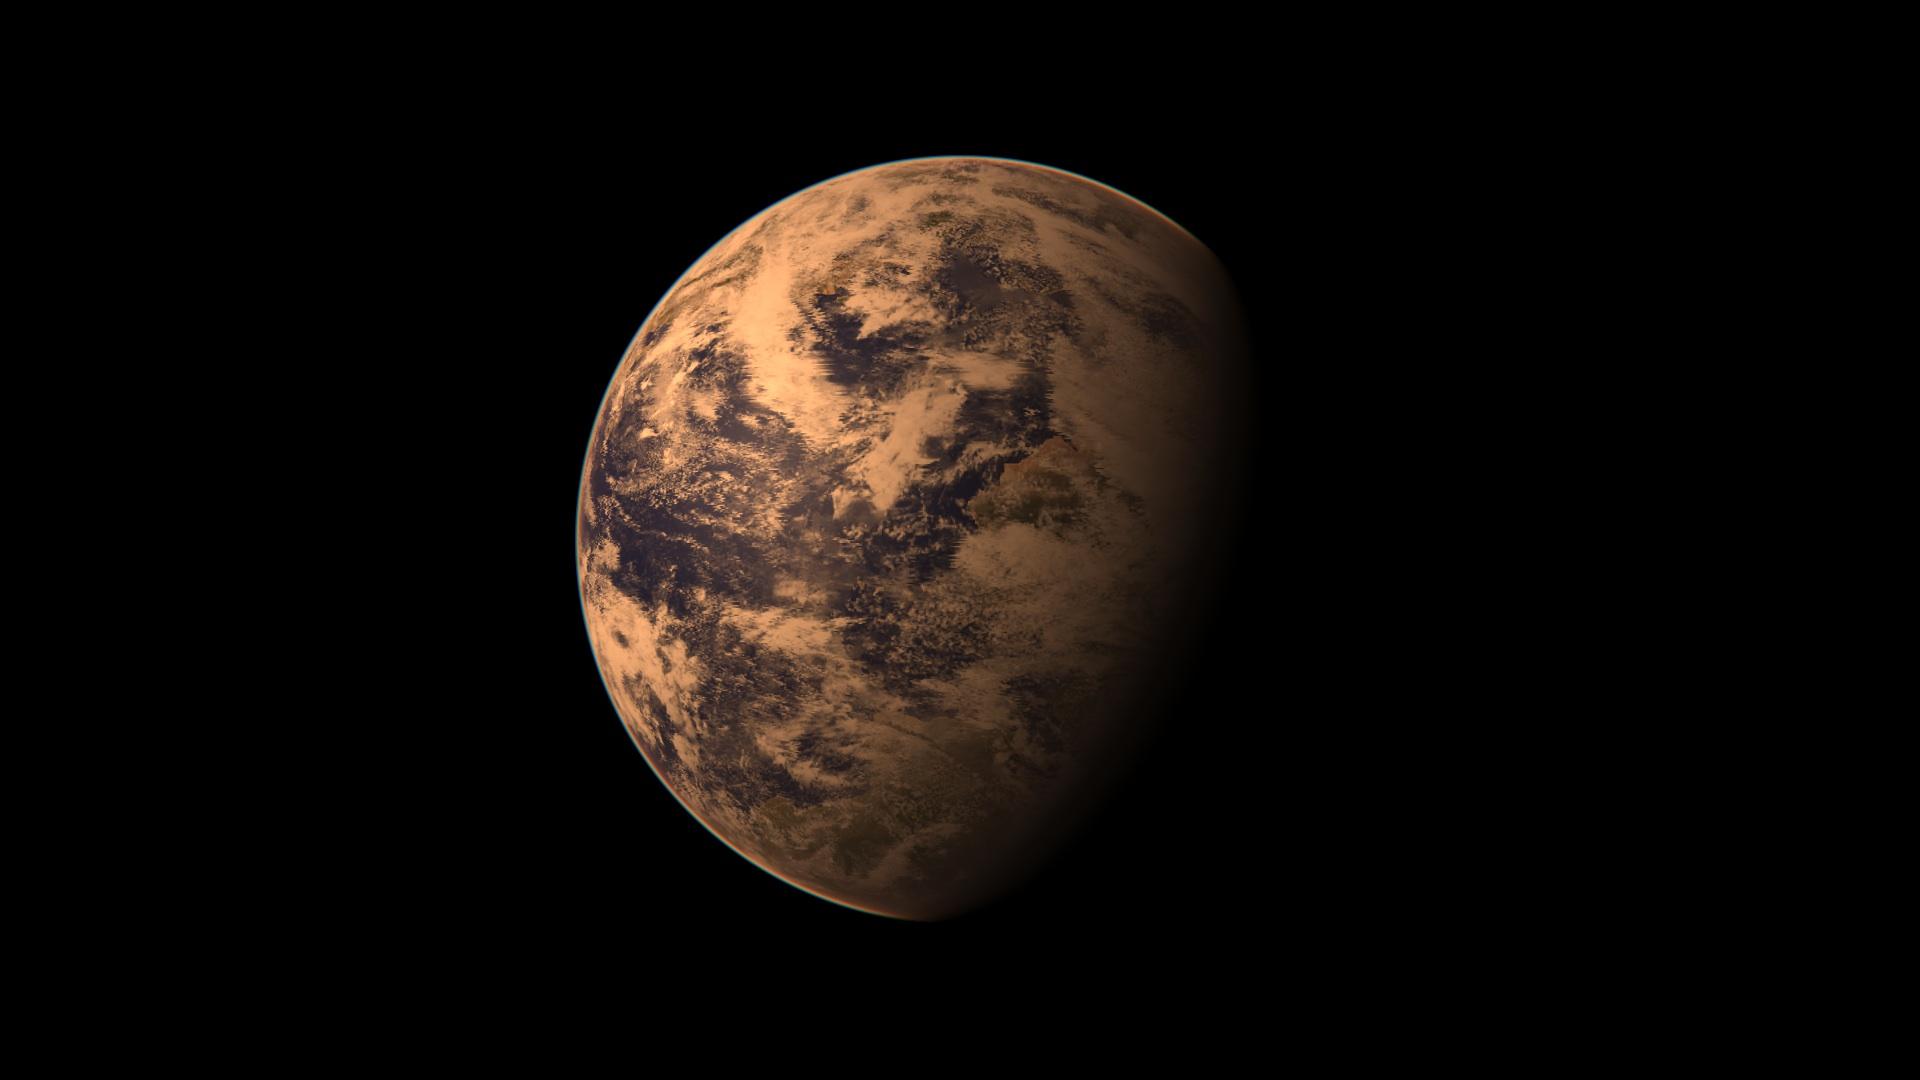 سیارات مشابه زمین و قابل سکونت | Gliese 667 Cc